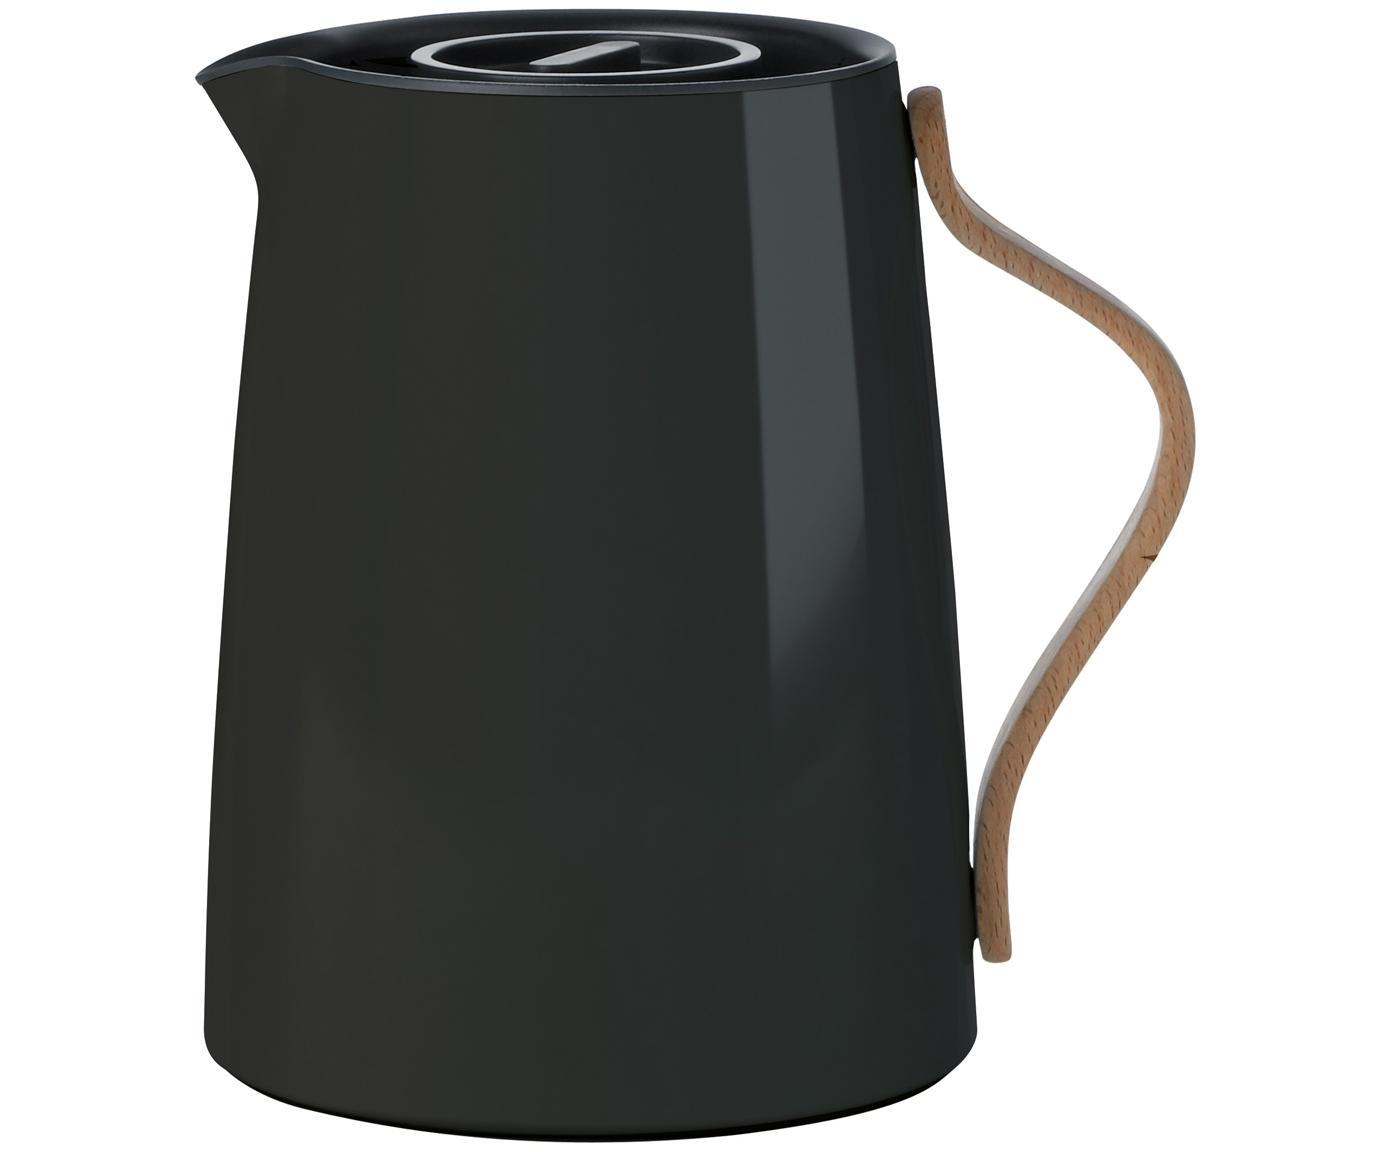 Zaparzacz do herbaty Emma, Korpus: stal, Czarny, 1 l